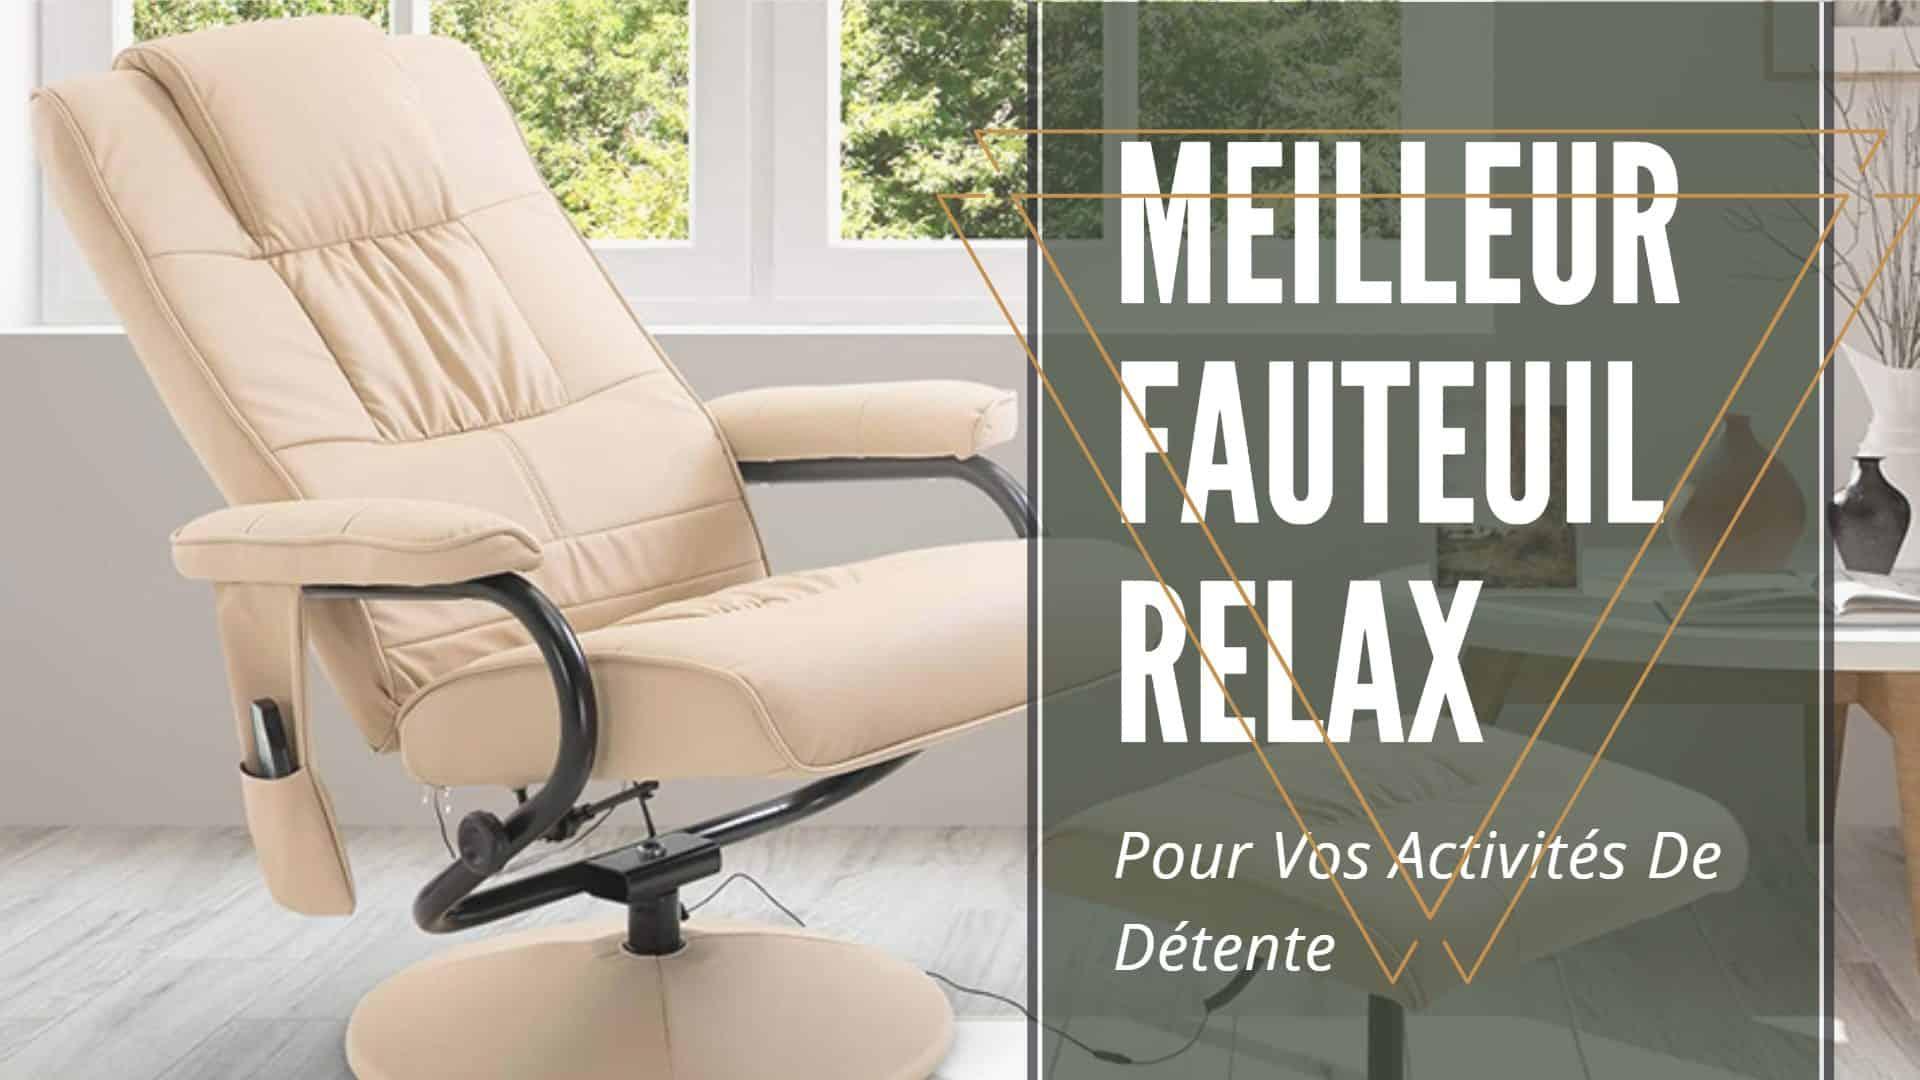 Meilleur Fauteuil Relax